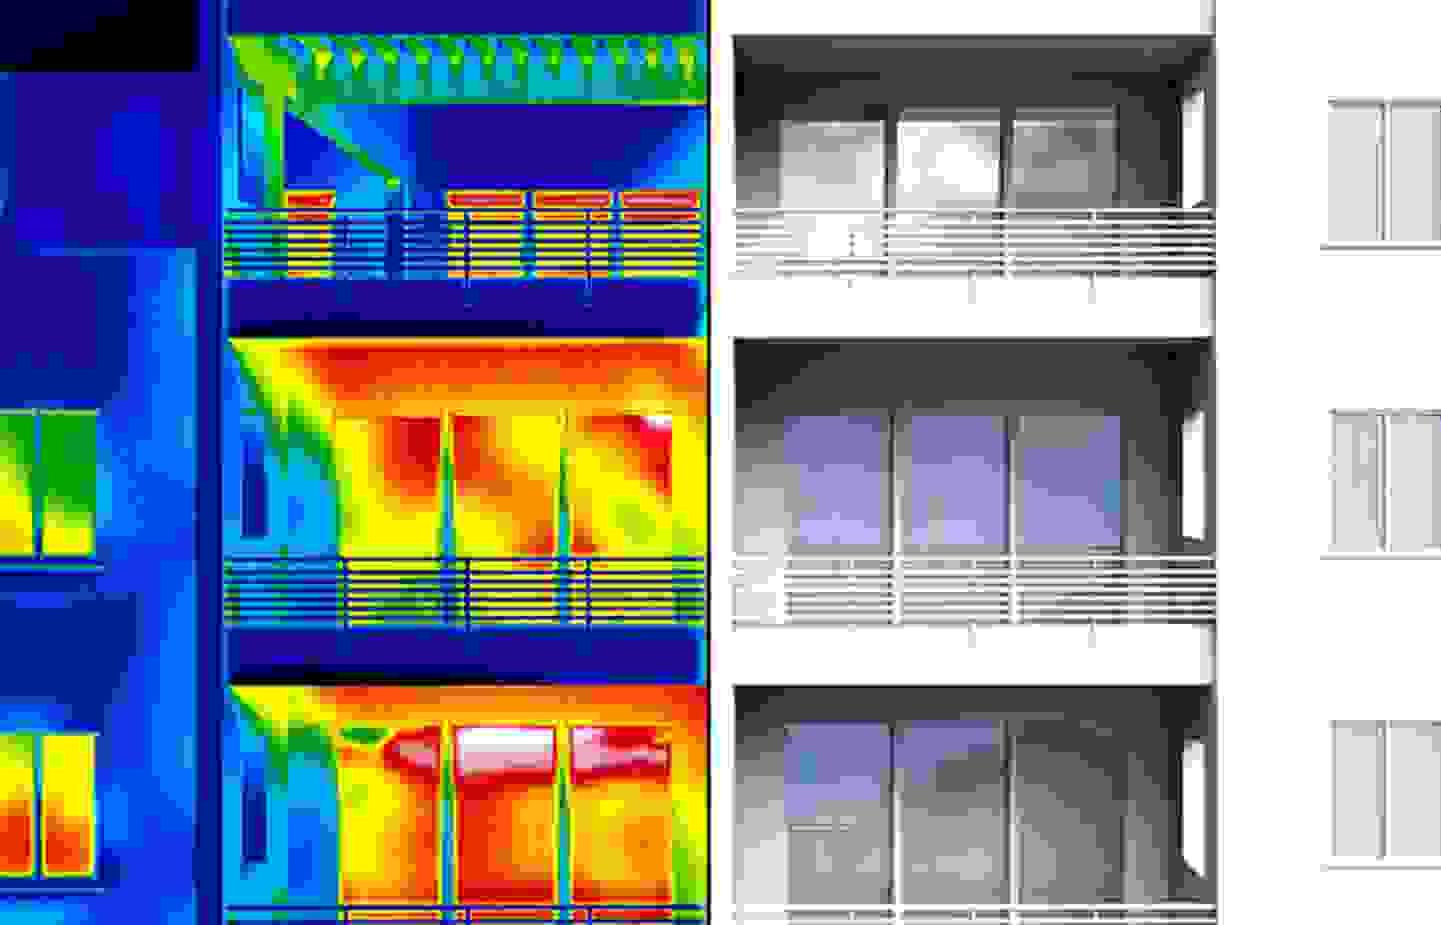 Déceler les ponts thermiques habituels dans les bâtiments